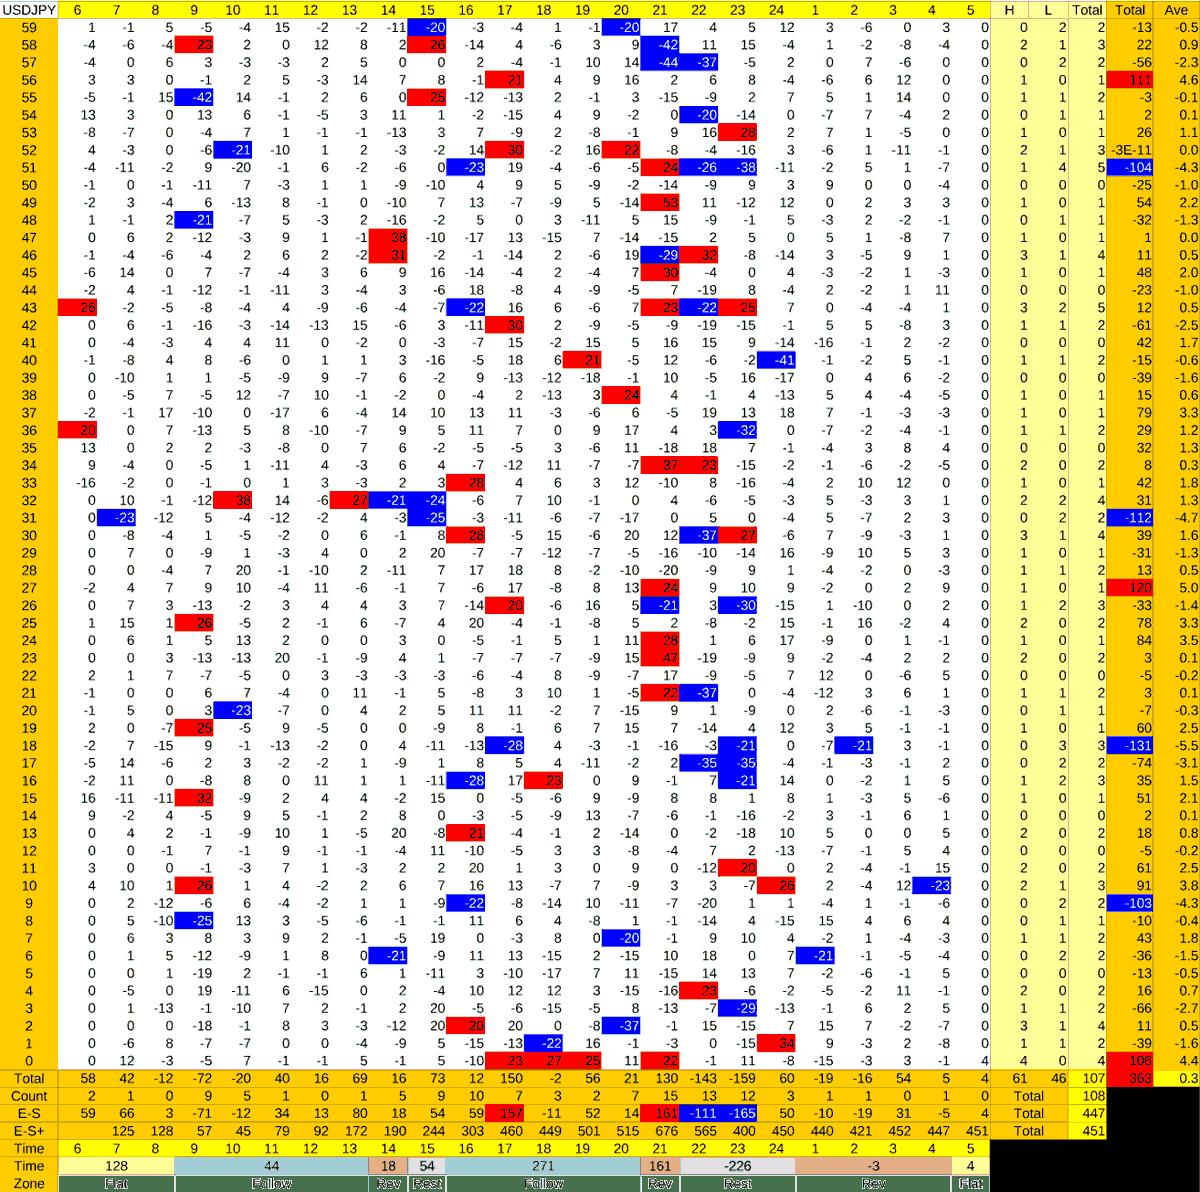 20210409_HS(1)USDJPY